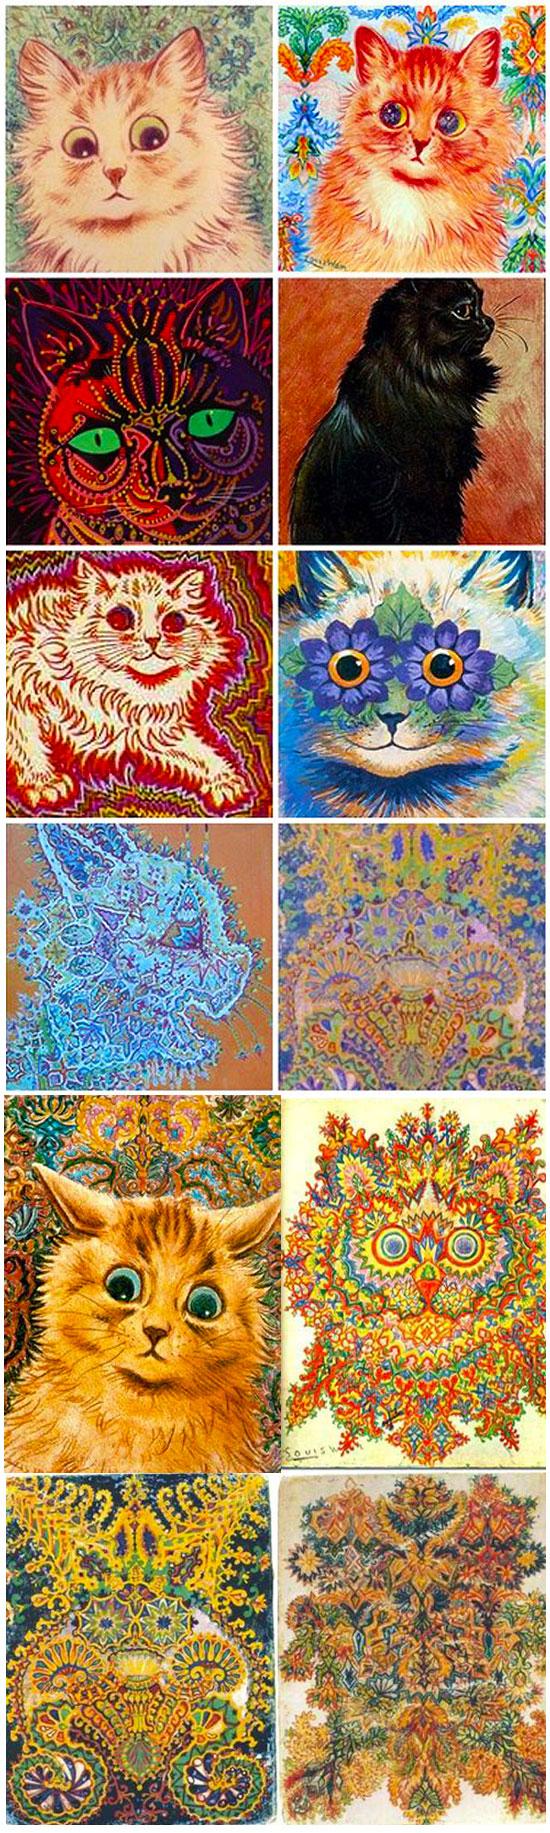 arta uluitoare a unui iubitor de pisici schizofrenic